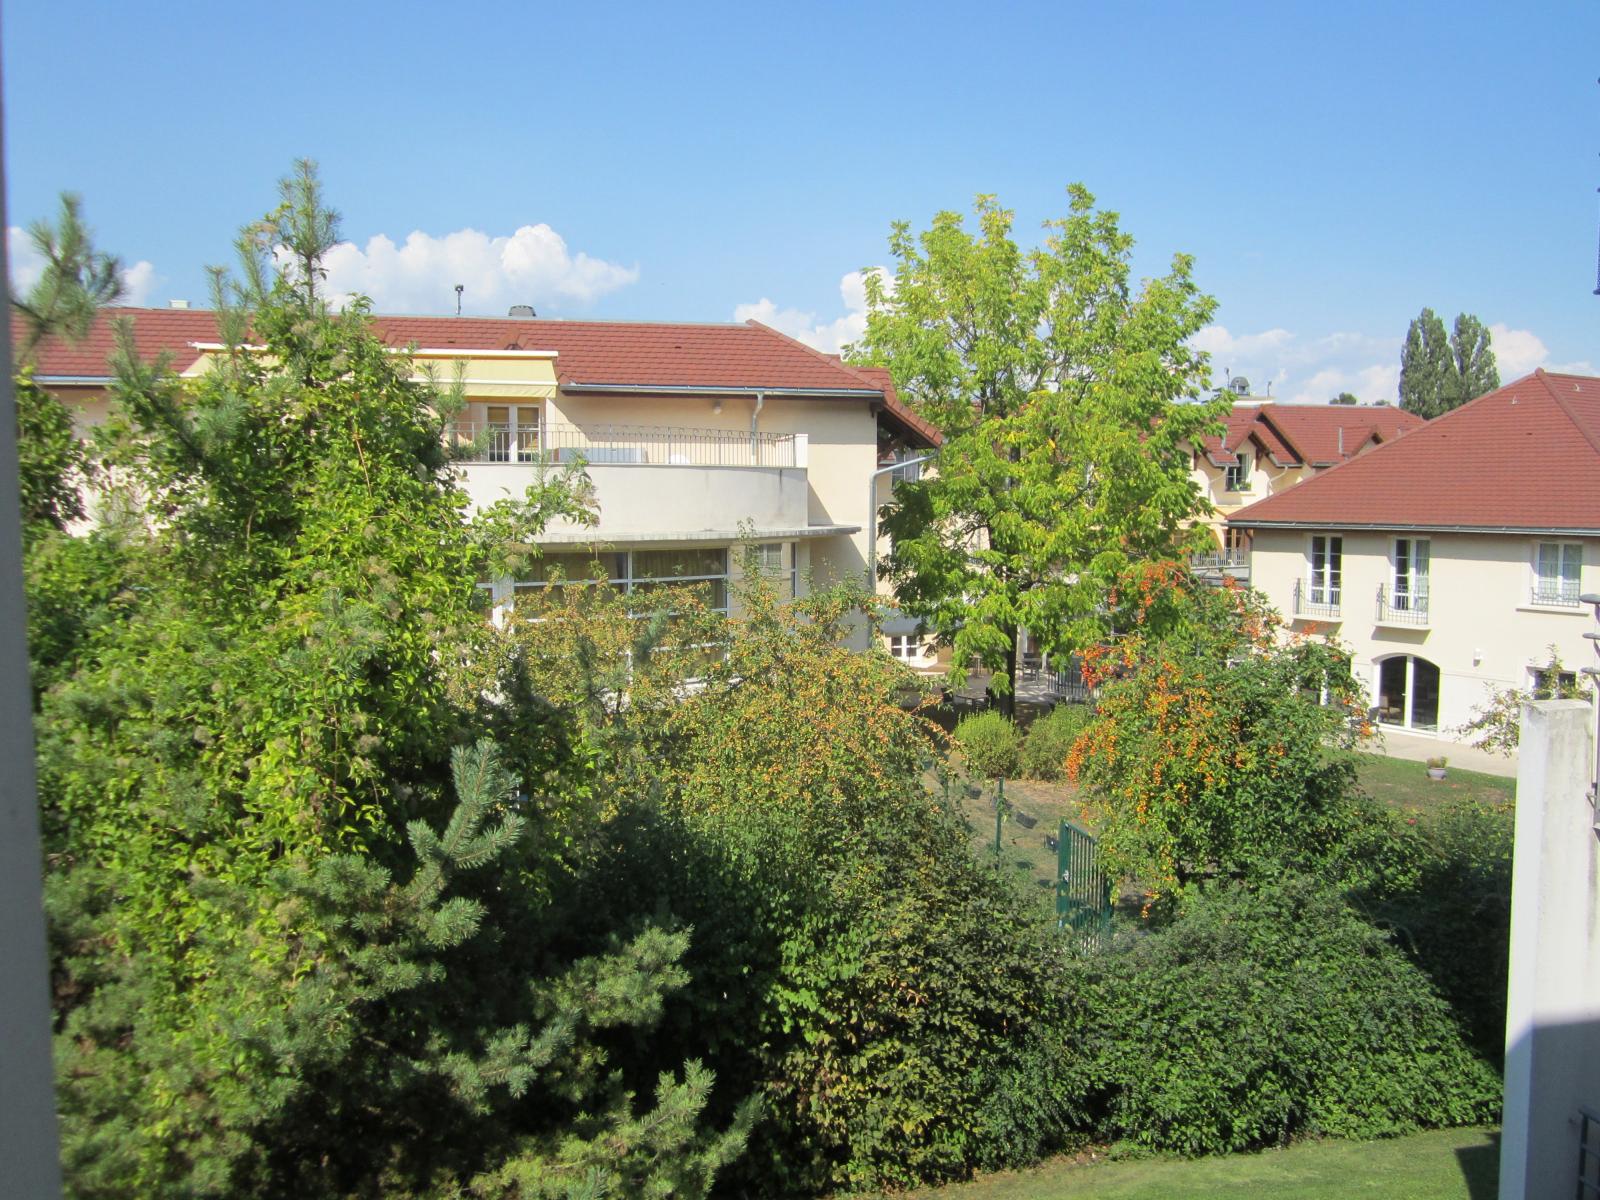 EXCLUSIVITE Collonges-sous-salève appartement T2 de 53,58 m² idéalement situé... VENDU PAR LE CABINET